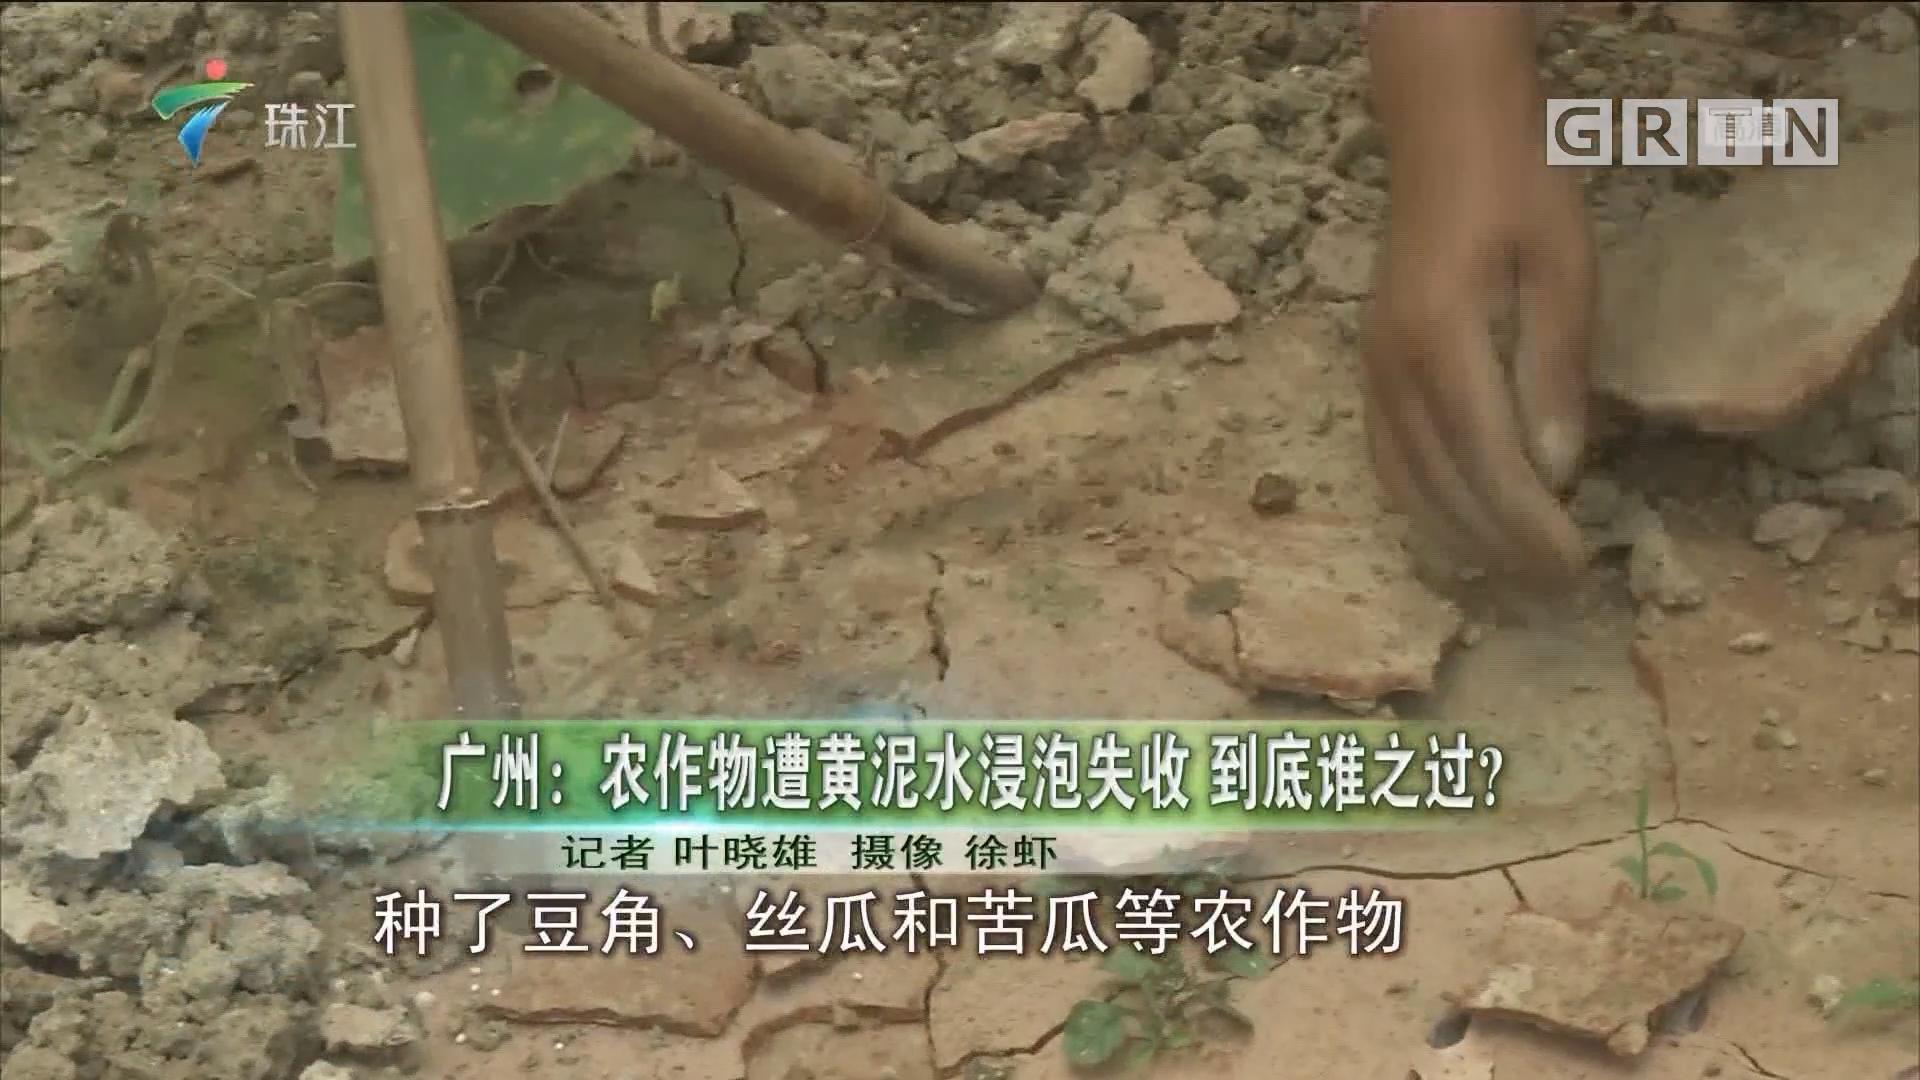 广州:农作物遭黄泥水浸泡失收 到底谁之过?